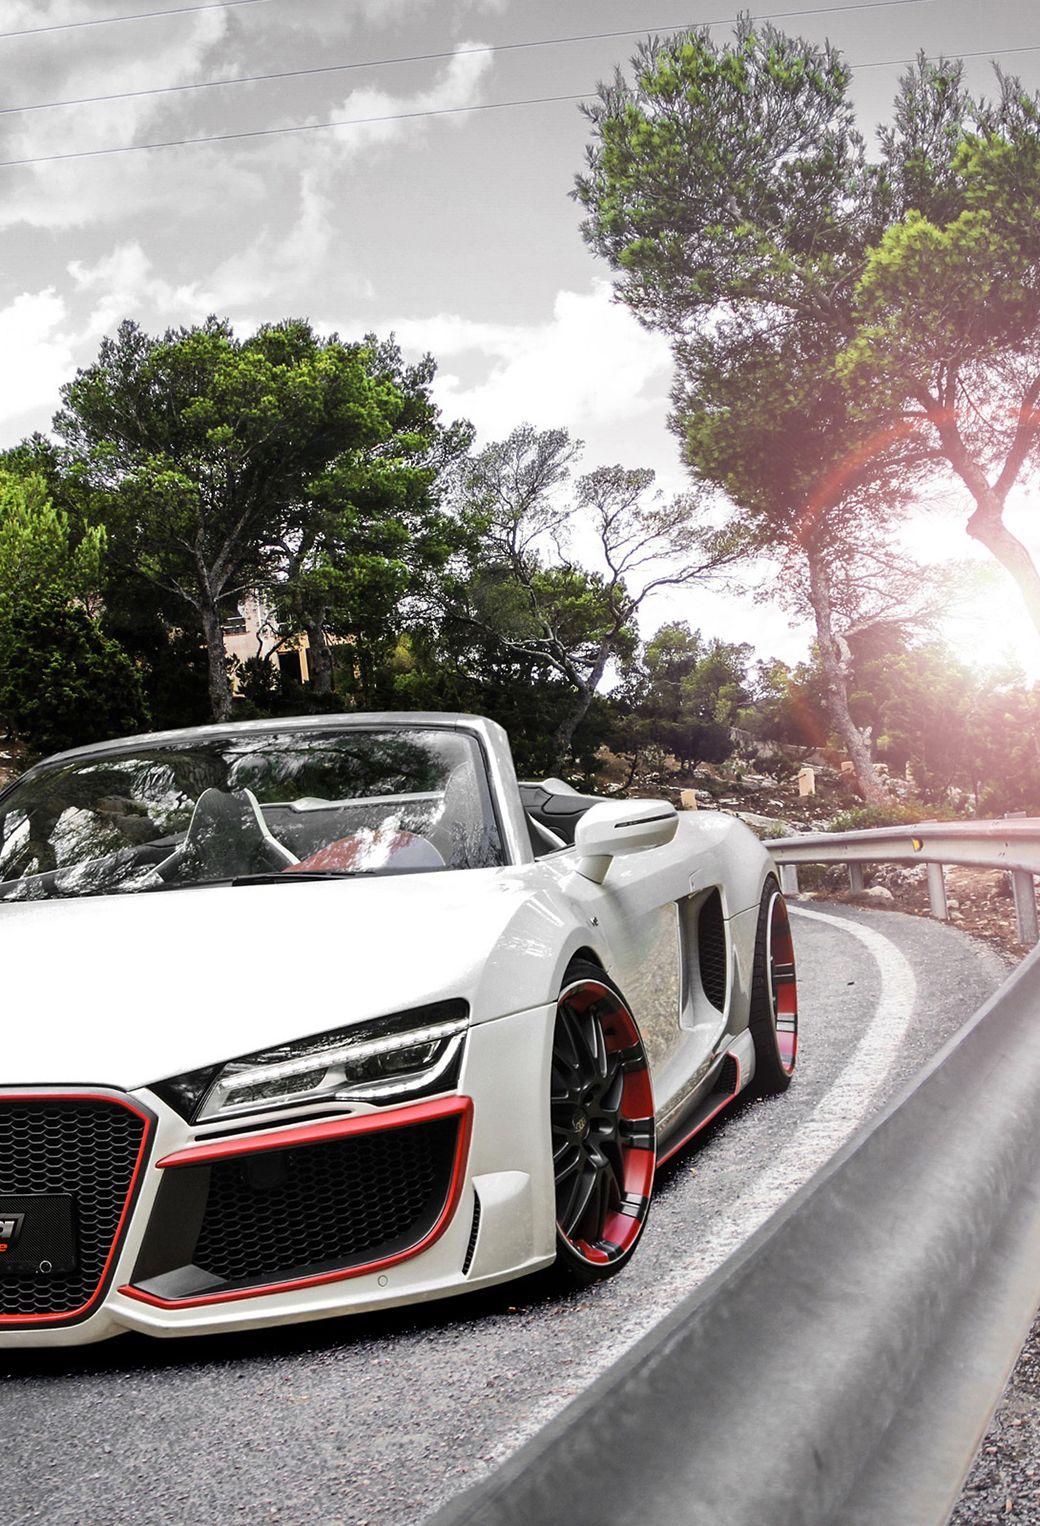 Audi R8 V10 Spyder Audi R8 V10 Audi R8 Wallpaper Audi R8